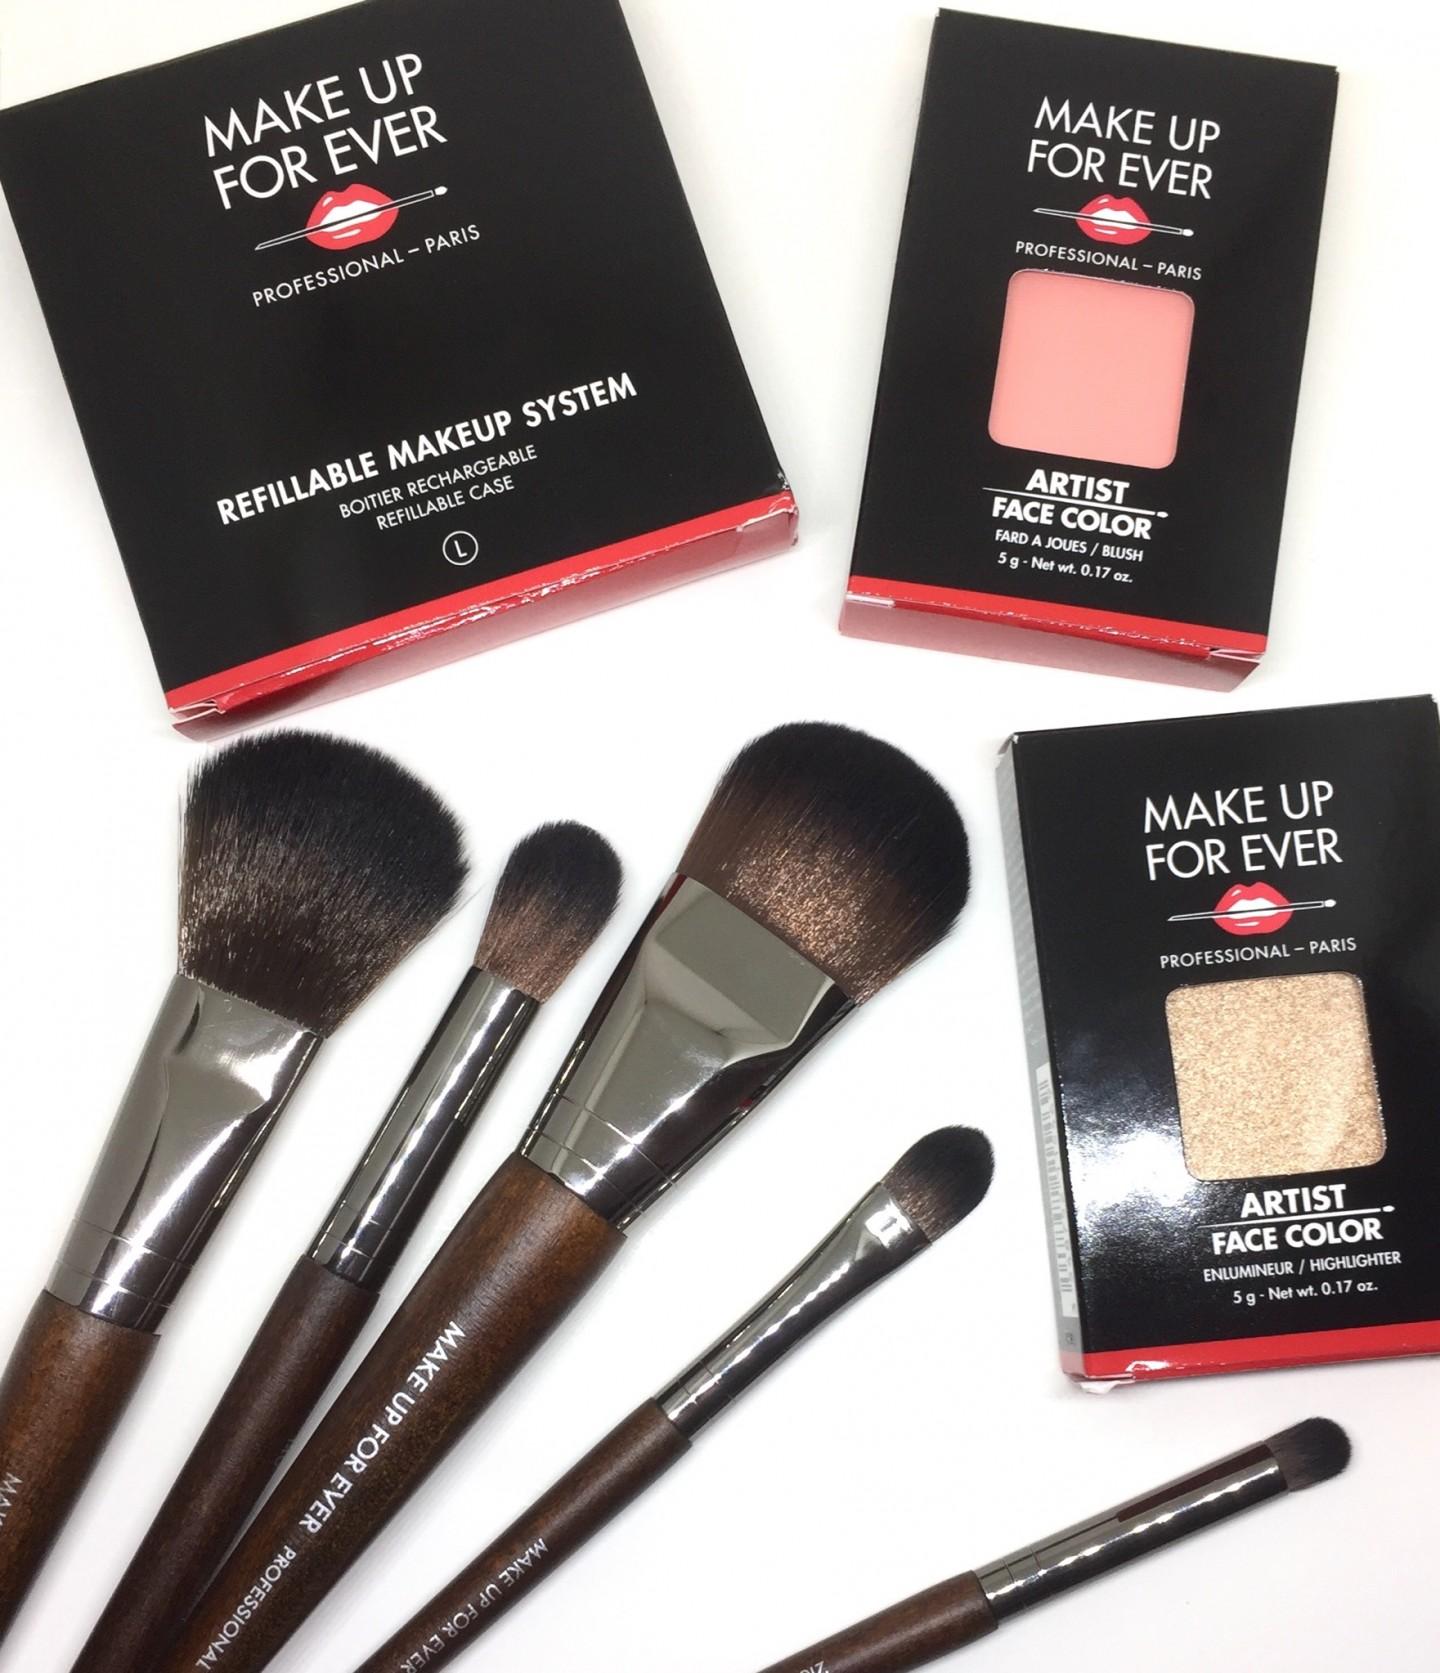 Make Up For Ever Artist Face Colour & Lustrous Brush Set